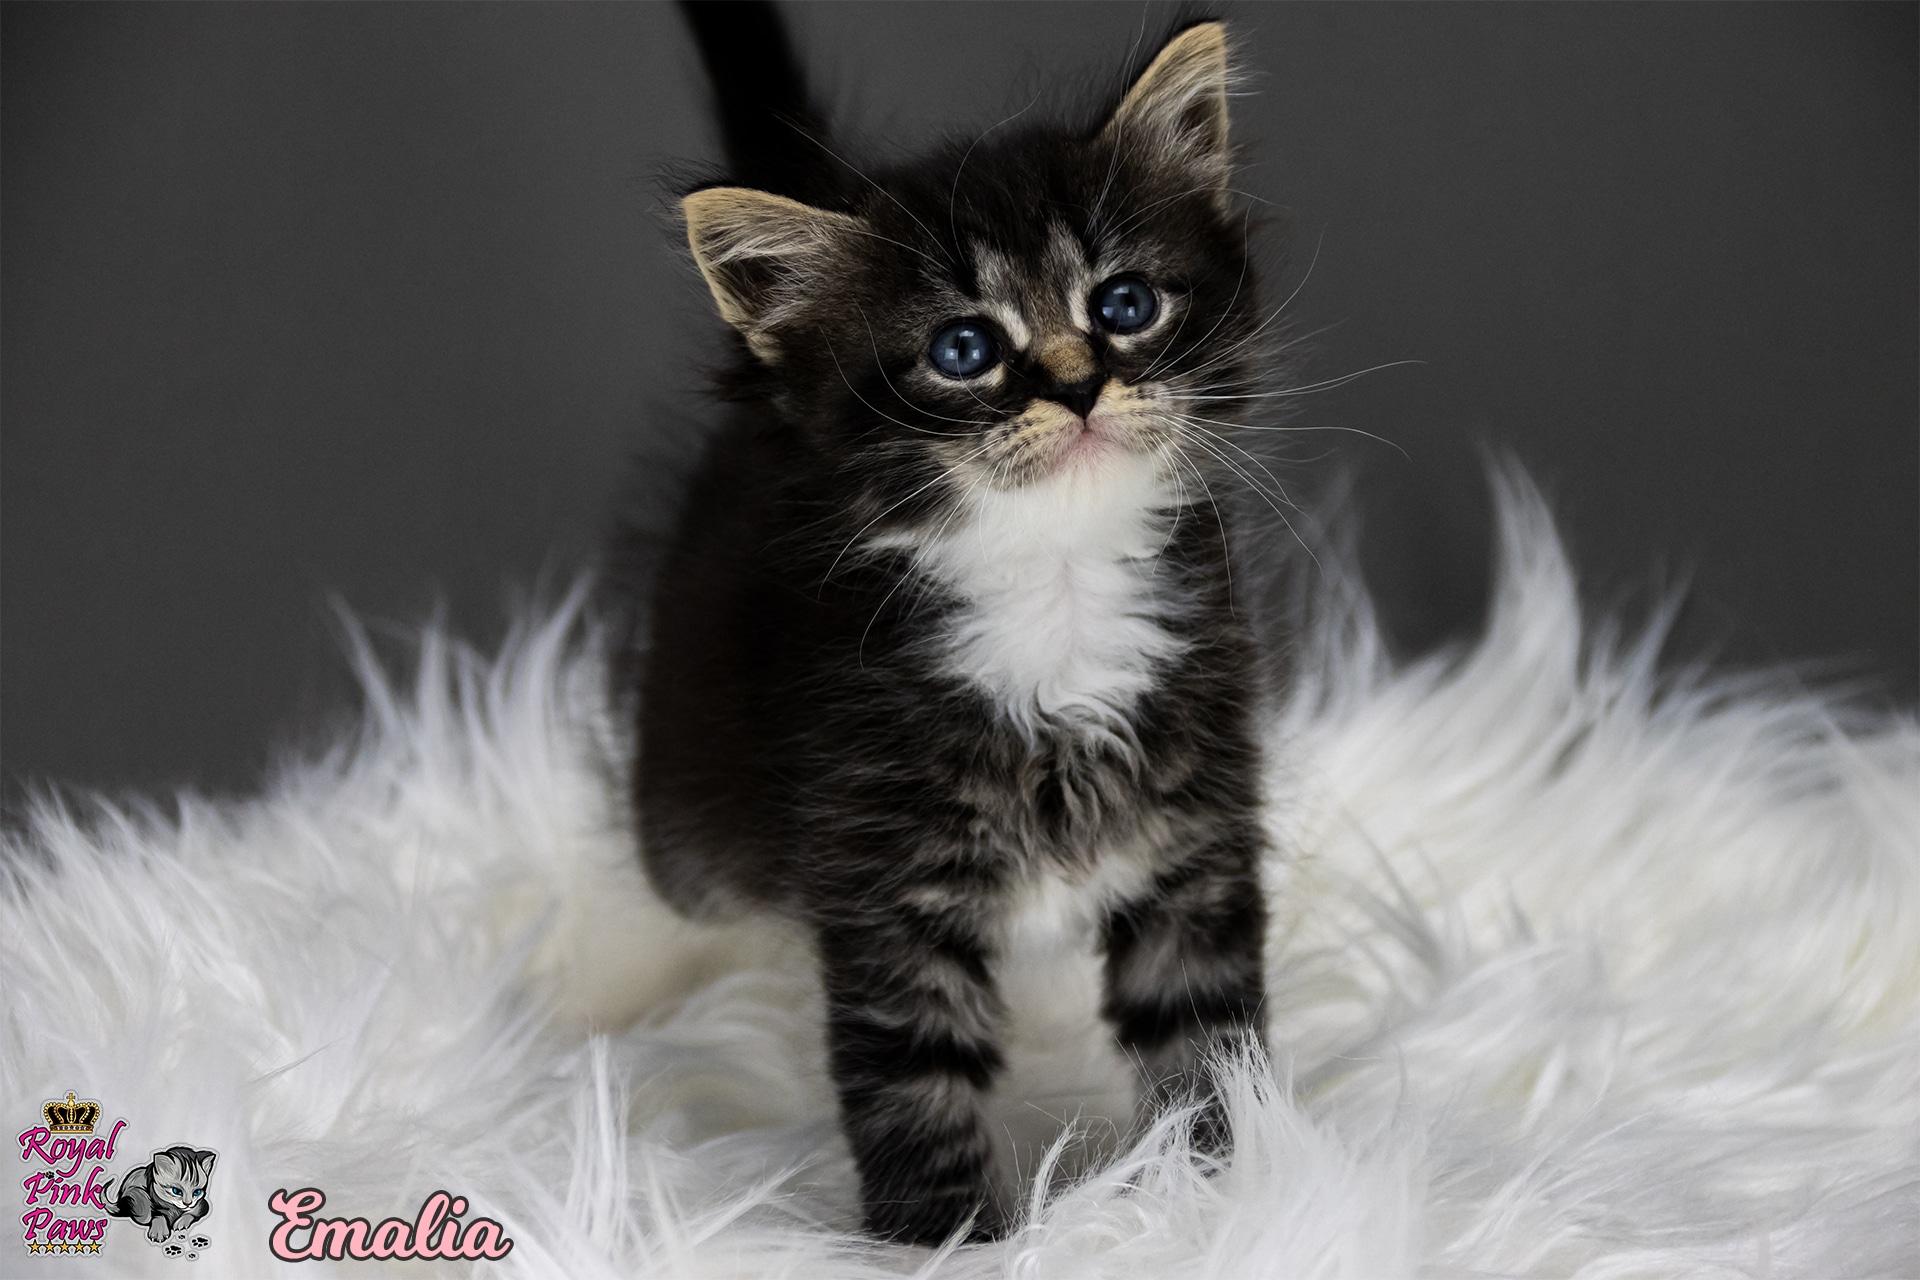 Sibirische Katze - Emalia Royal Pink Paws